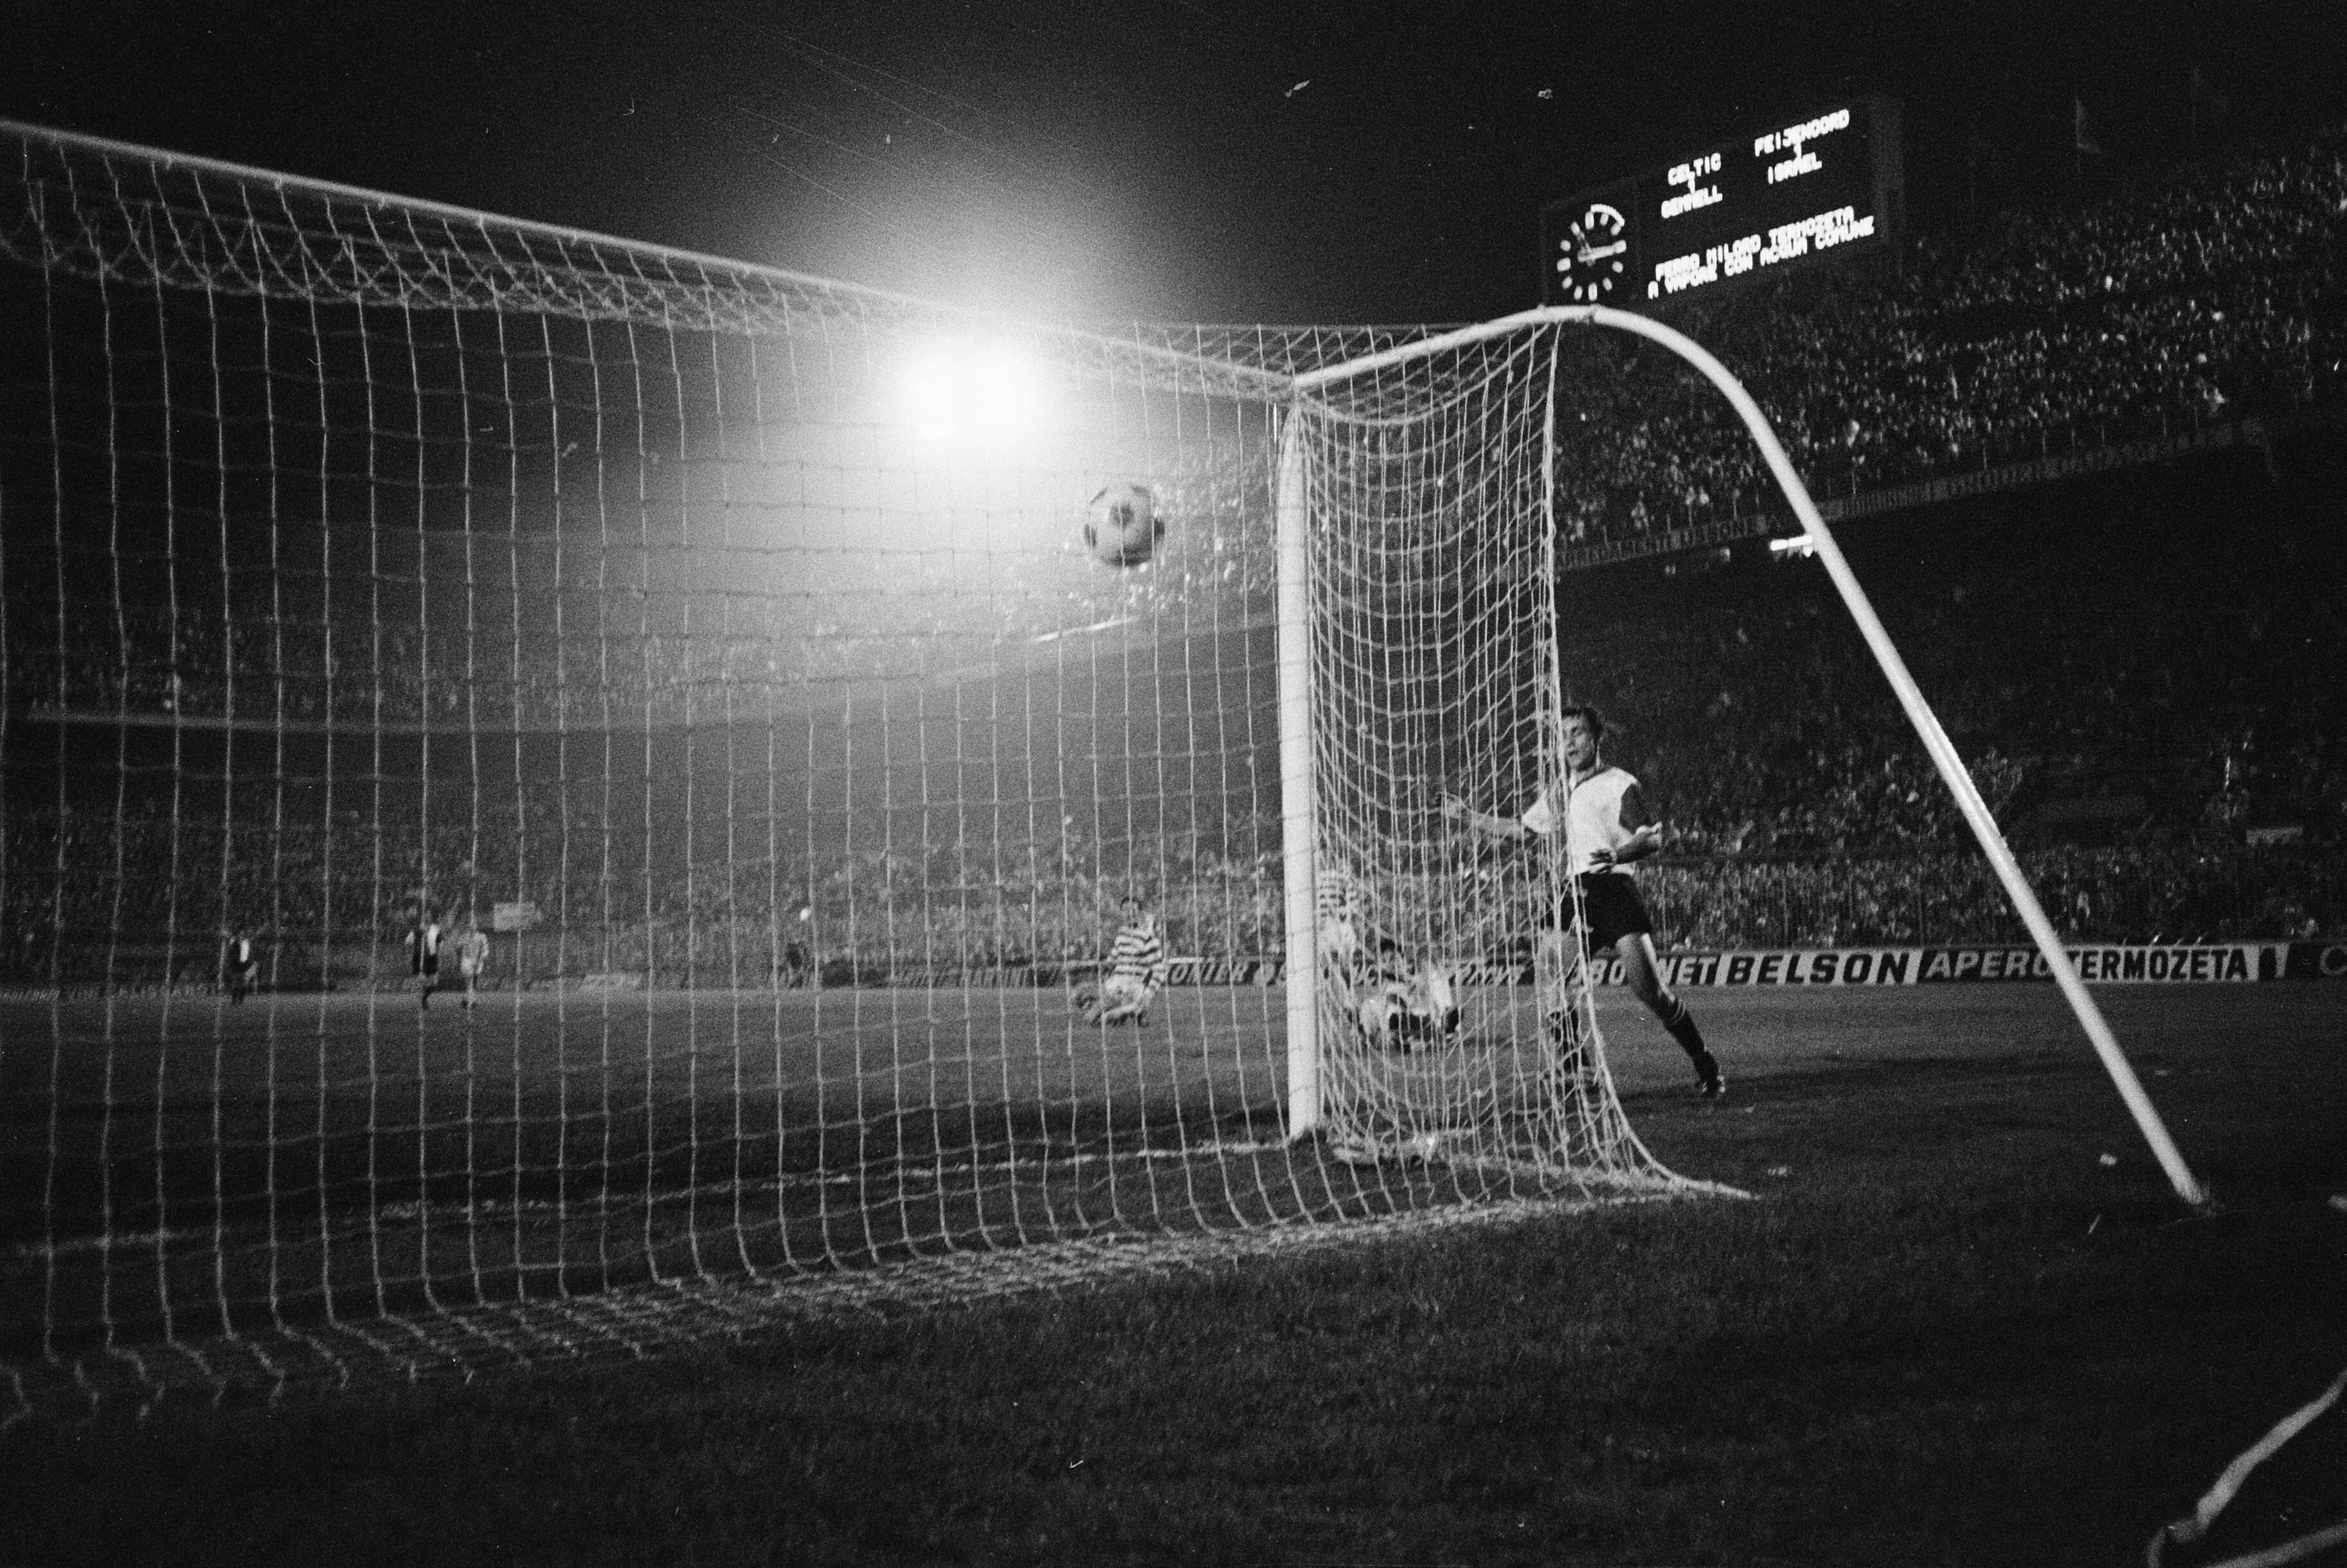 Andere Tijden Sport zoekt beelden rond Europa Cup winst Feyenoord in 1970; image source: Andere Tijden Sport